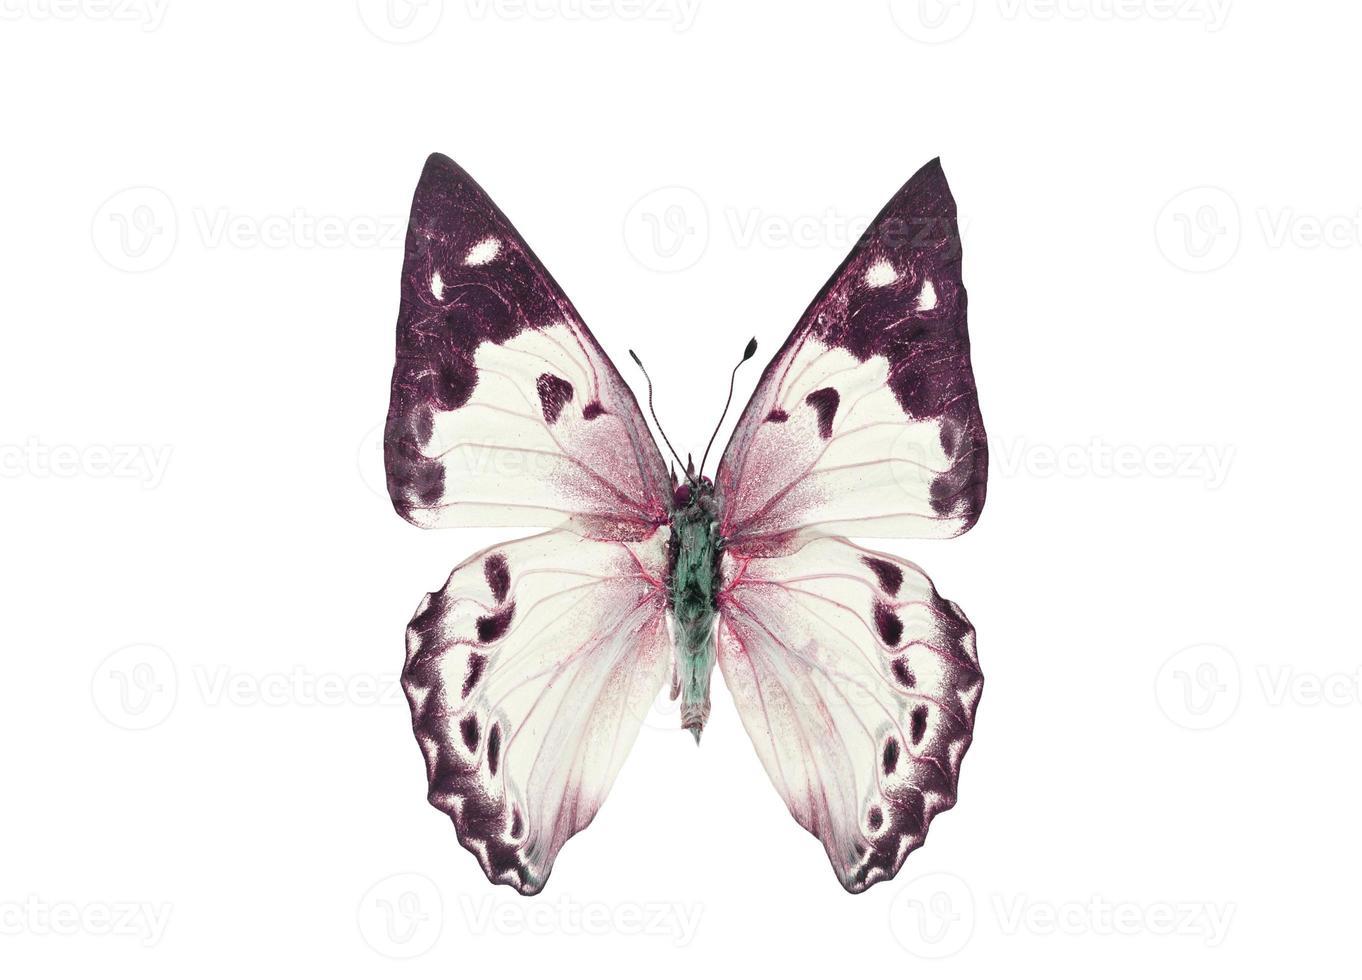 färgglad fjäril. isolerad på vit bakgrund foto